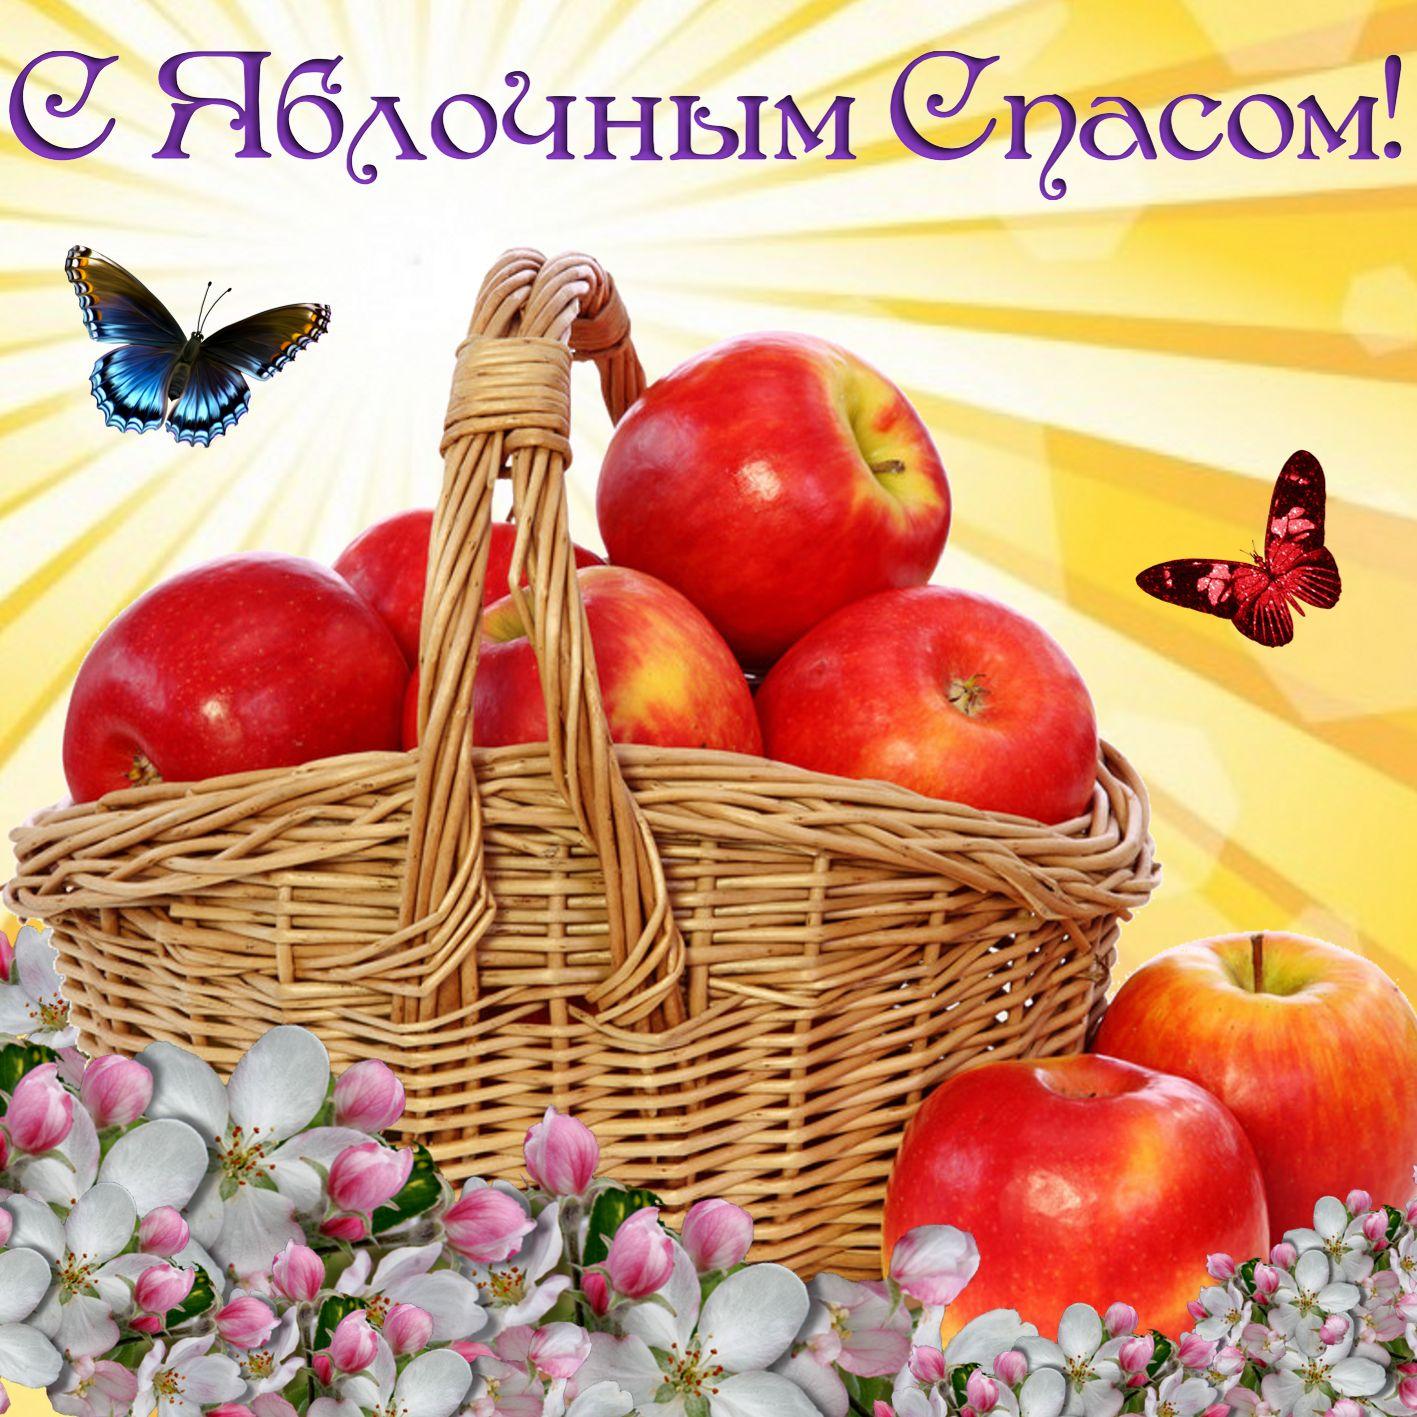 анонимного красивые пожелания яблочным спасом было ему